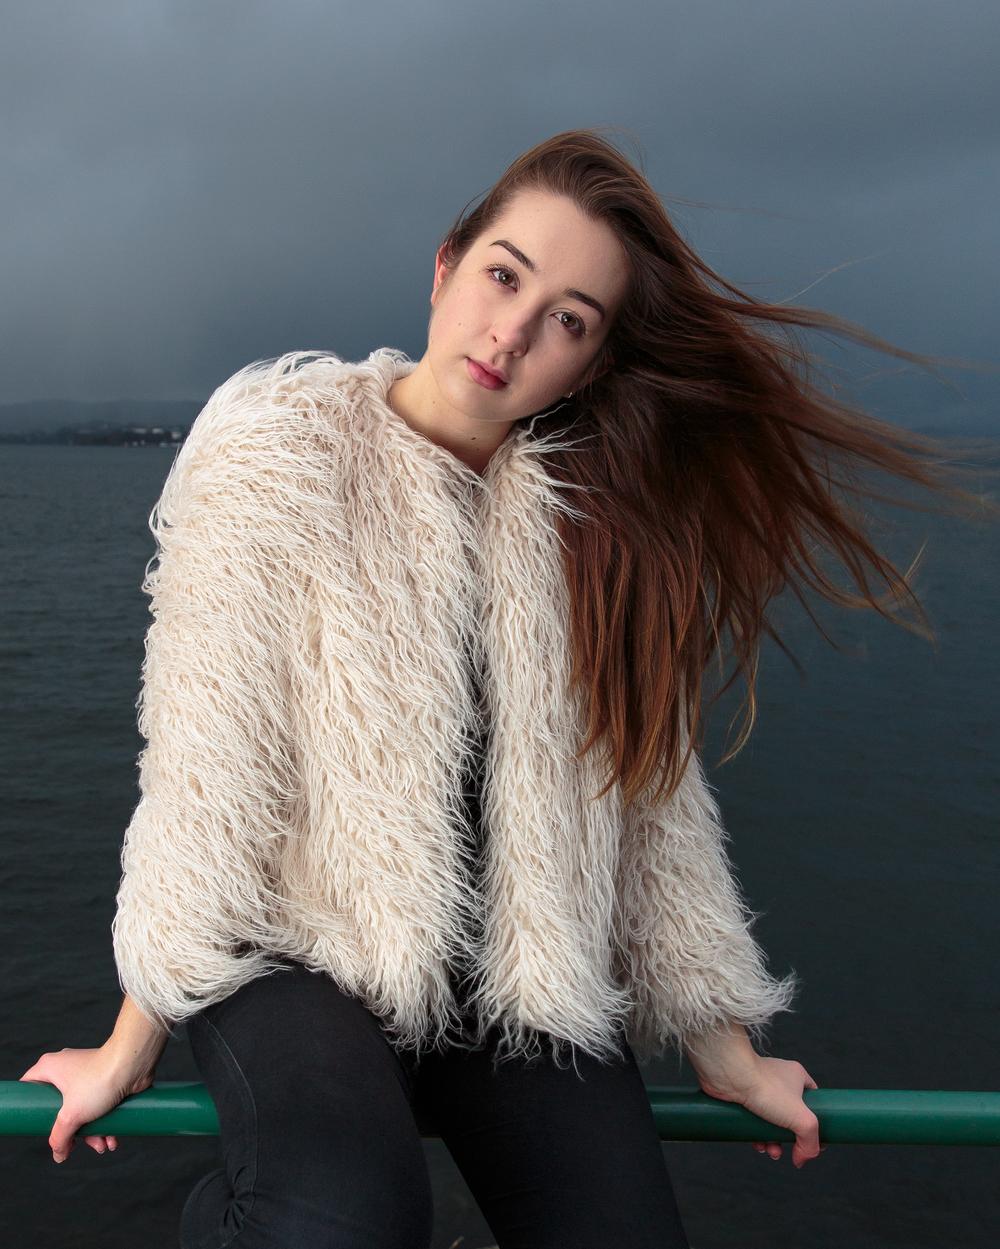 Modell: Bettina Normann